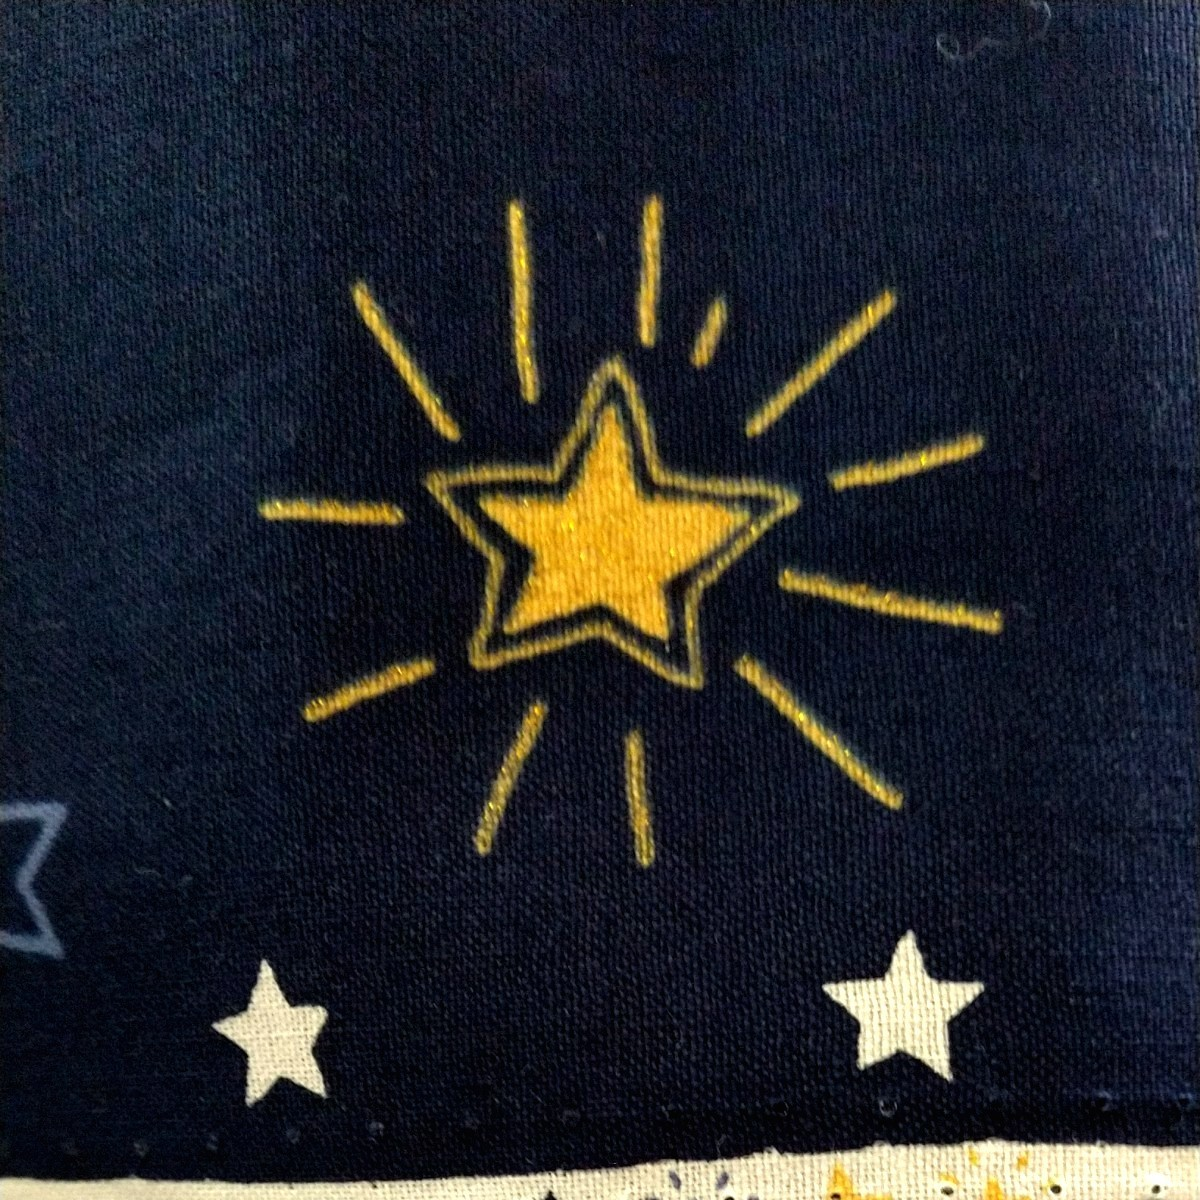 コスモテキスタイル 星 星 星 生地